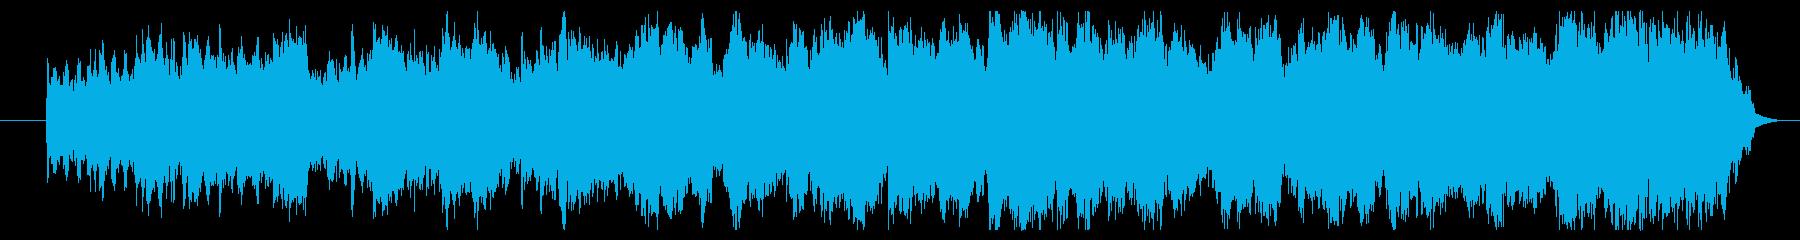 篠笛のメロディー 和洋折中なインストの再生済みの波形